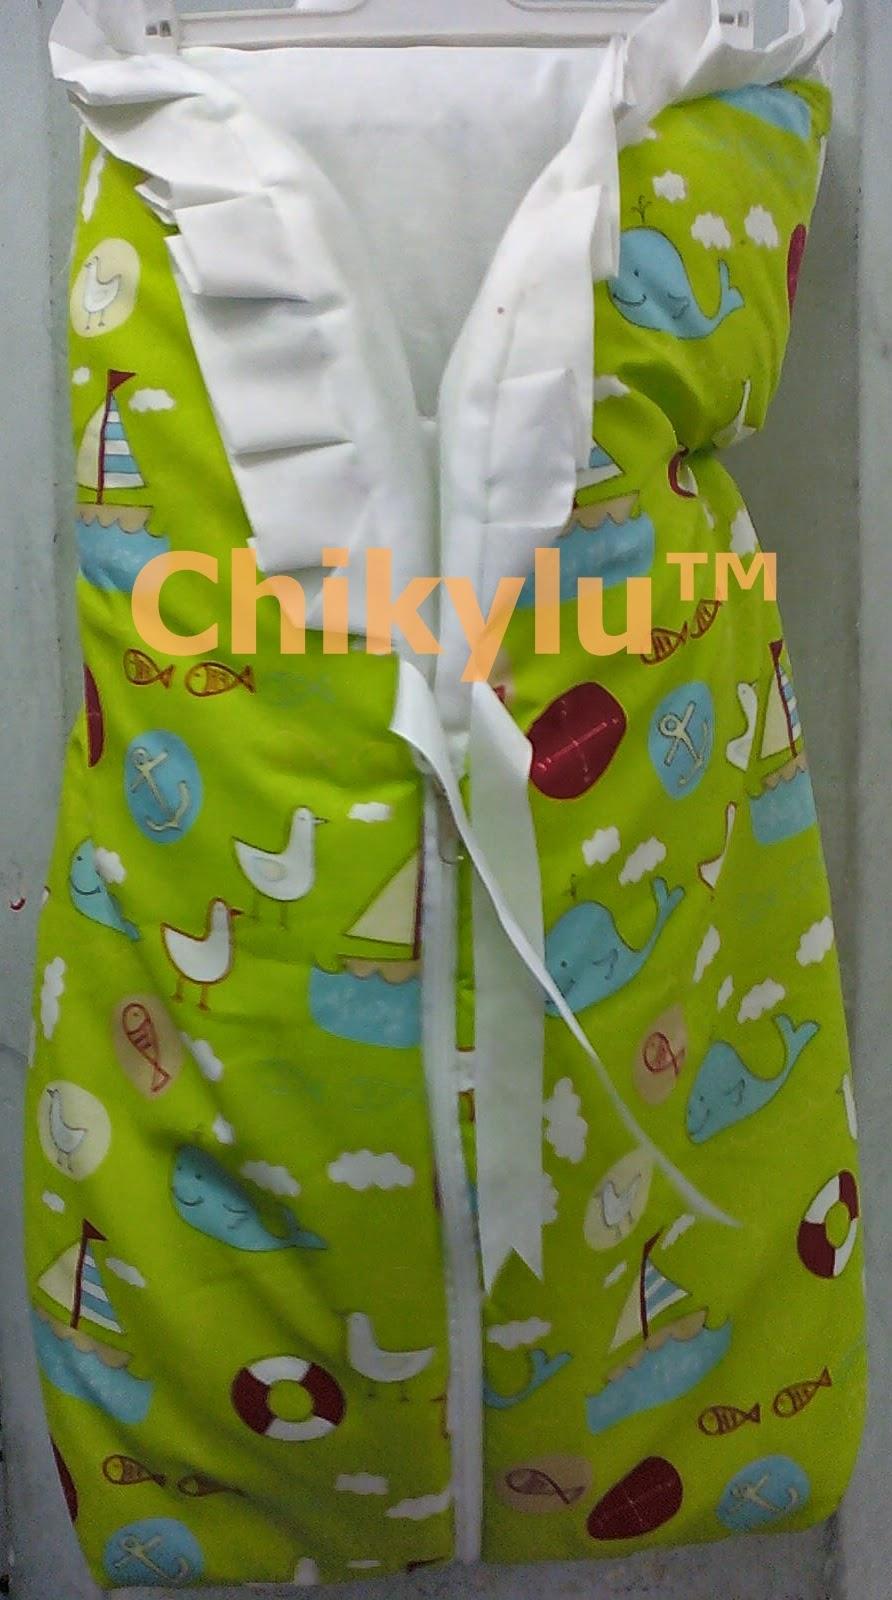 chikylu ropa de bebes ,